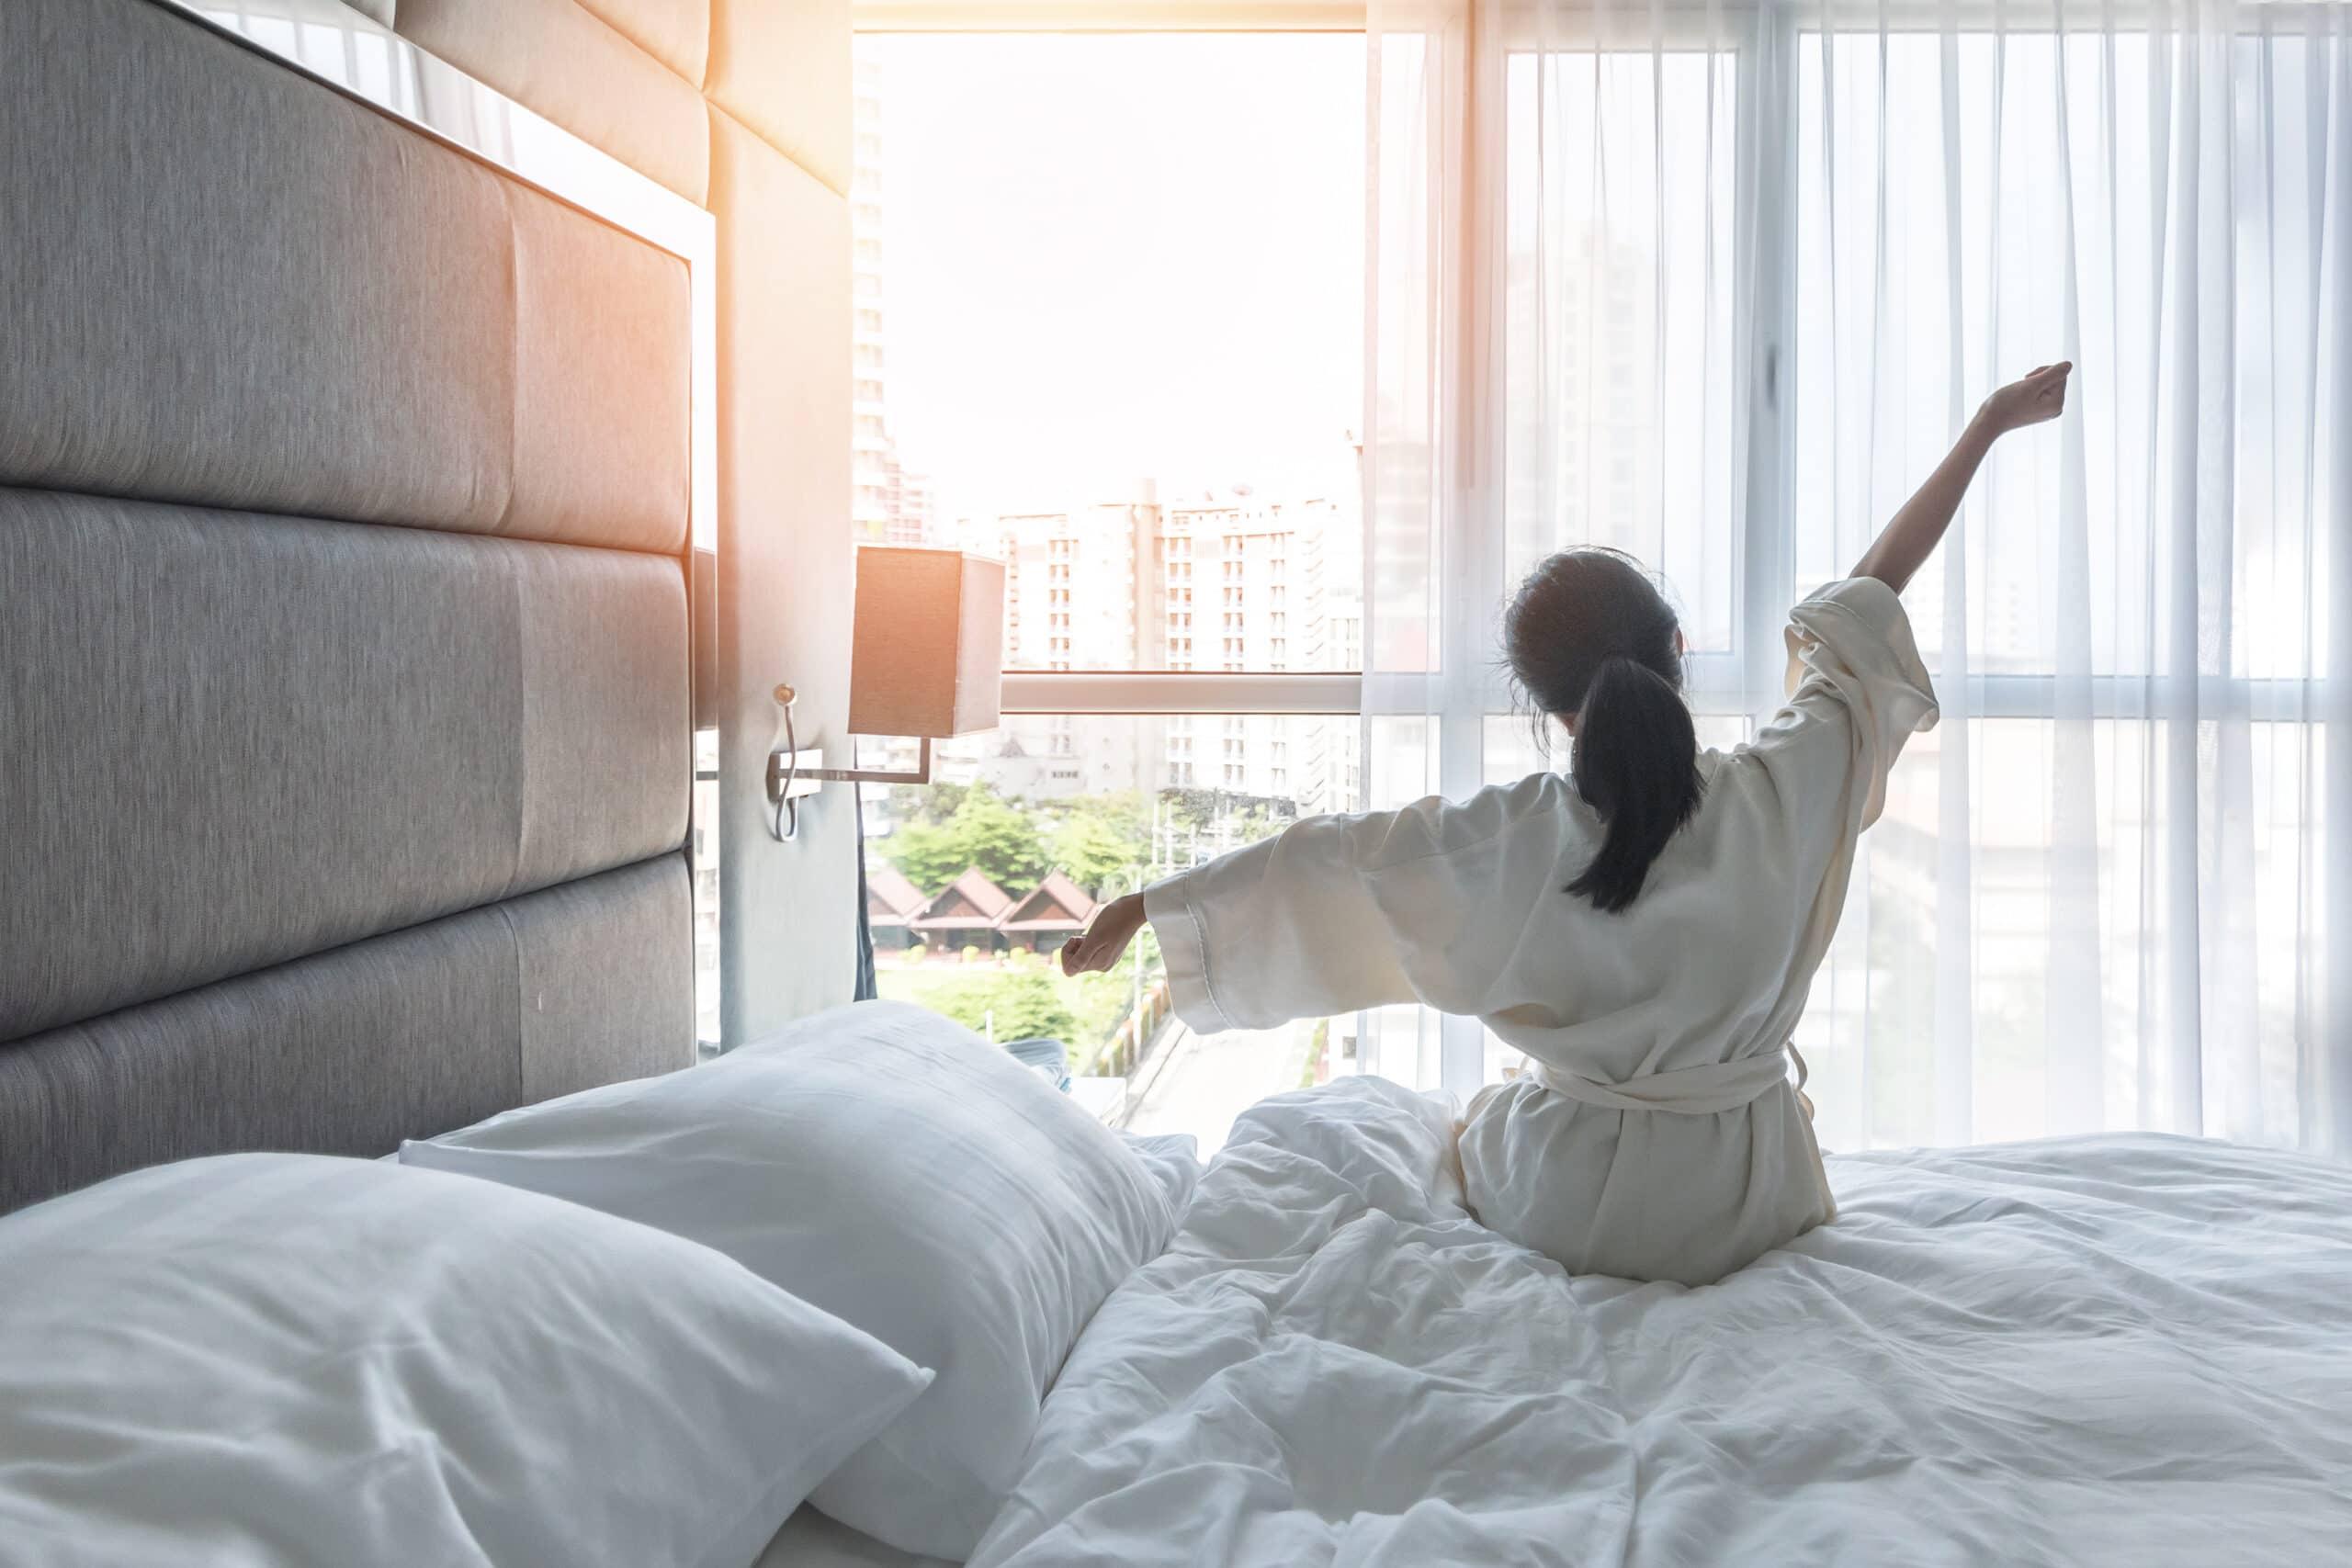 Morgens schneller wach werden